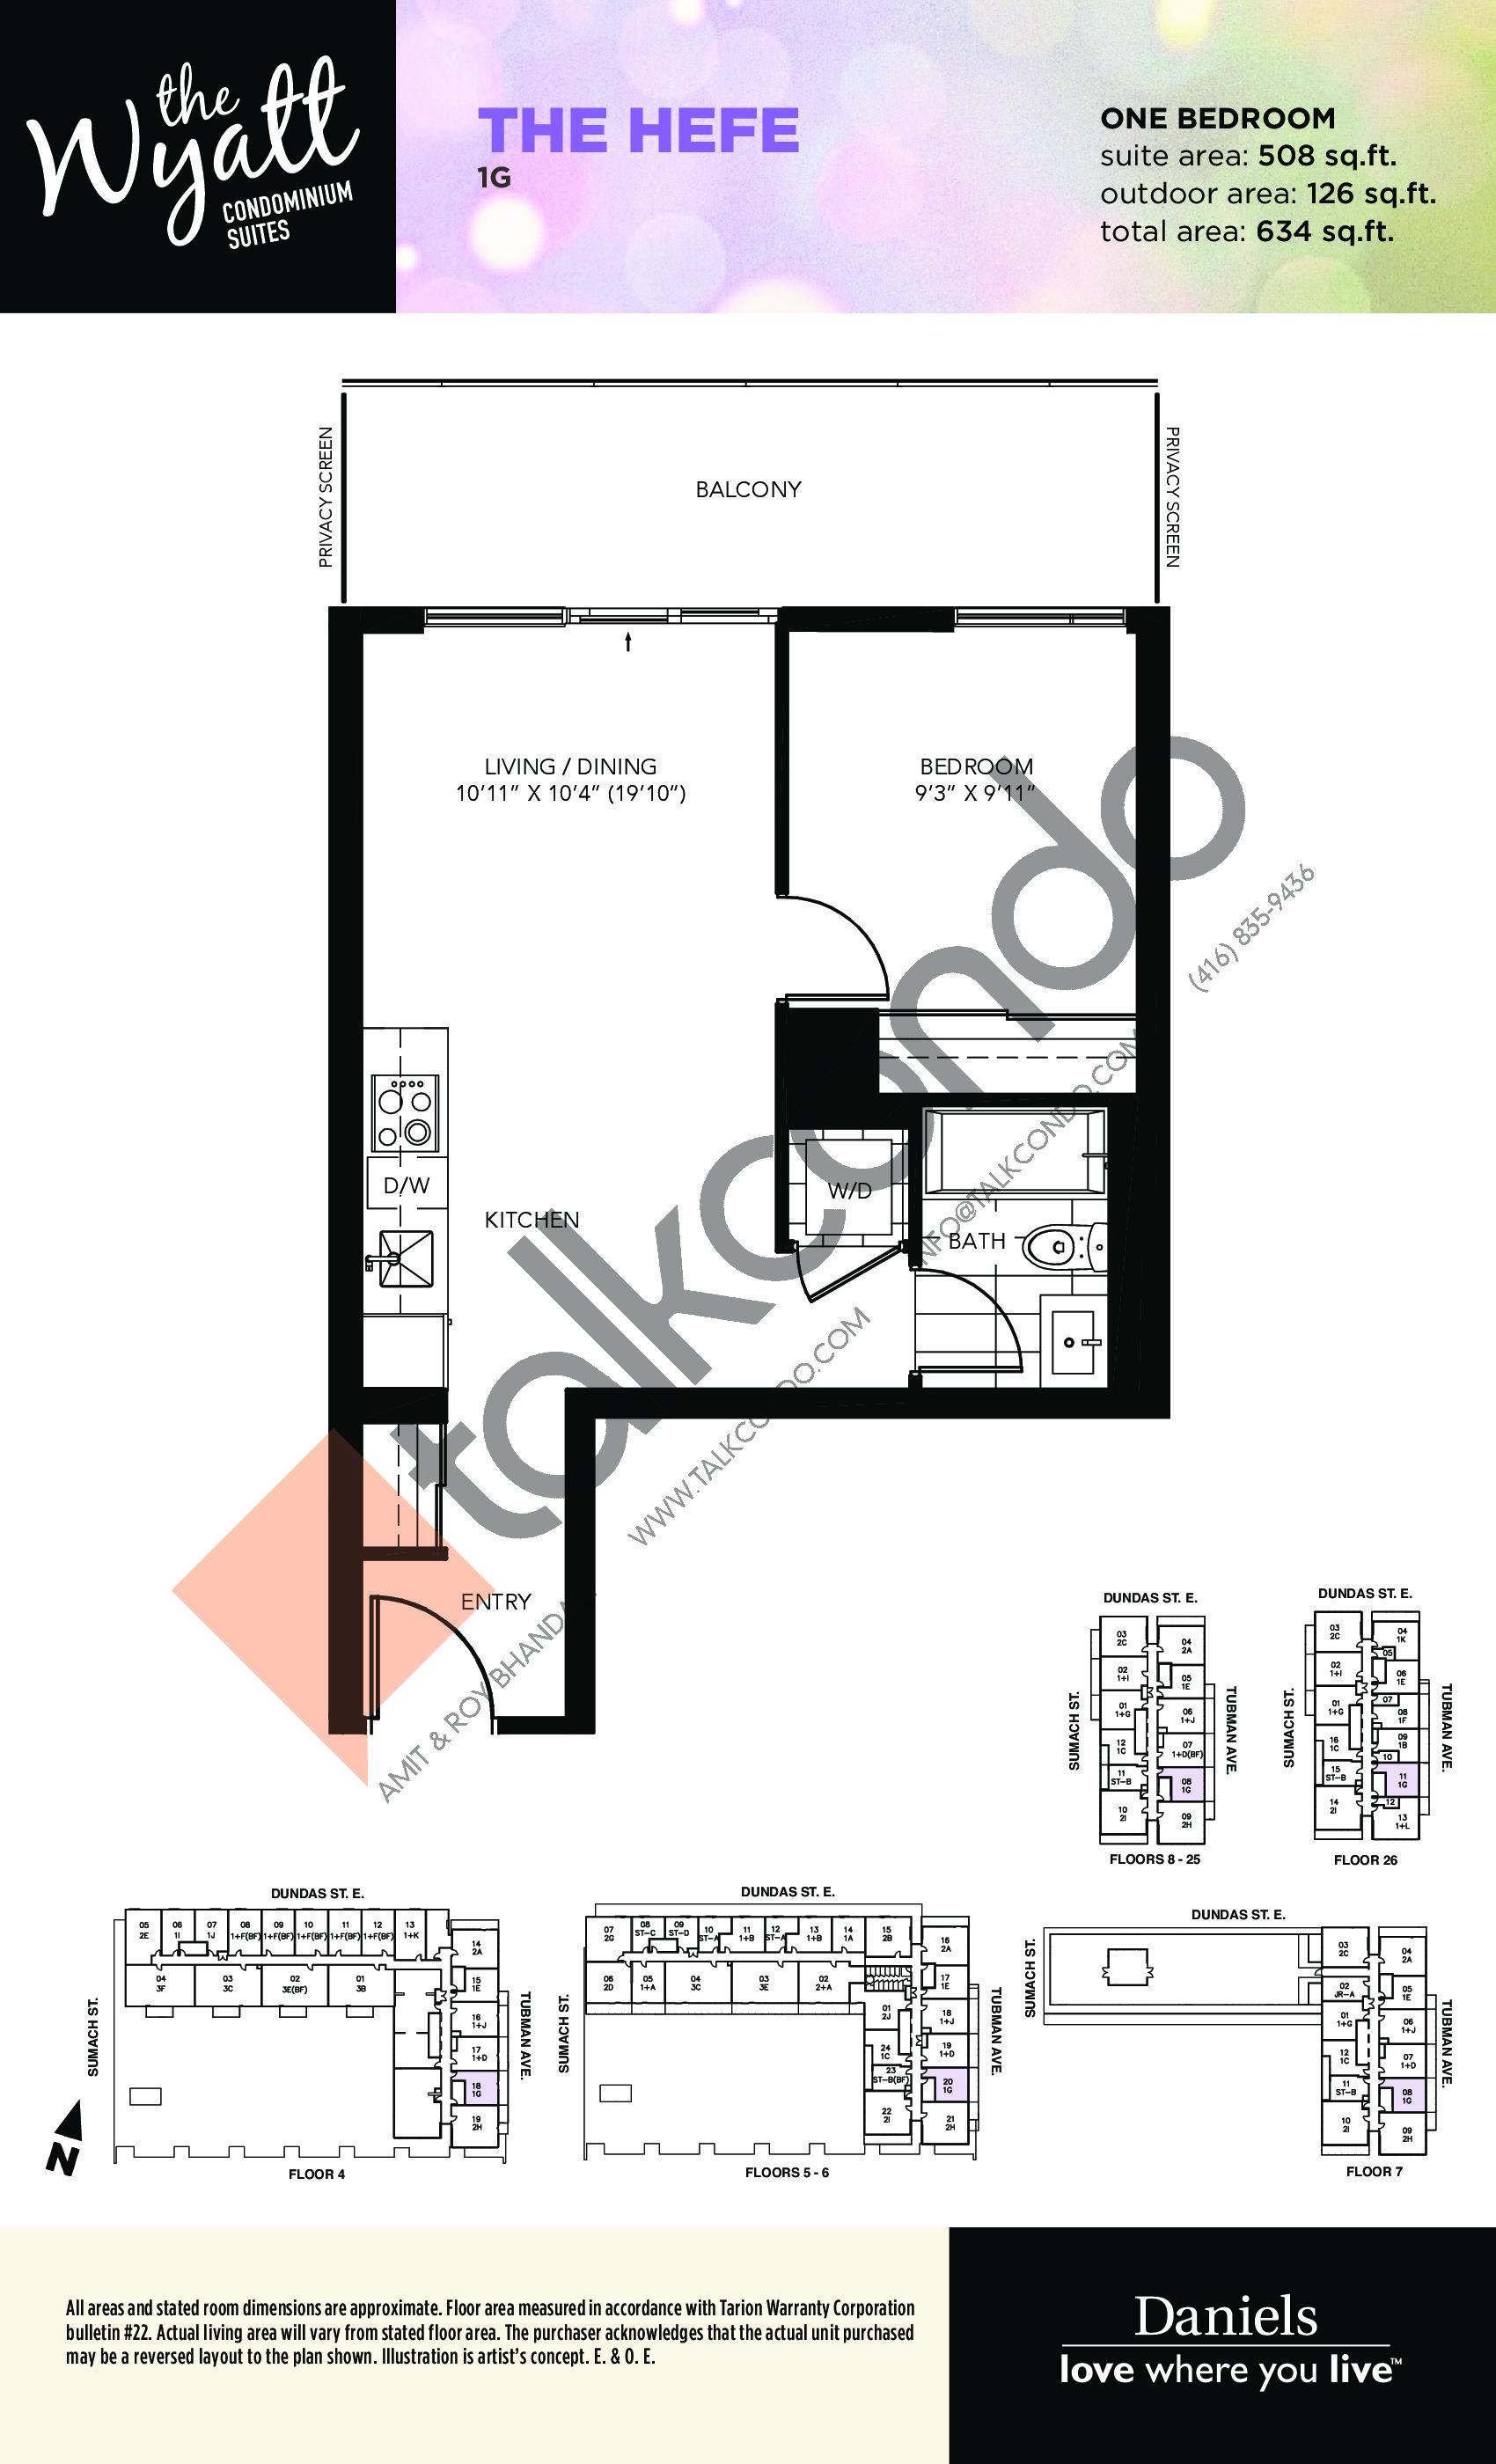 The Hefe Floor Plan at The Wyatt Condos - 508 sq.ft